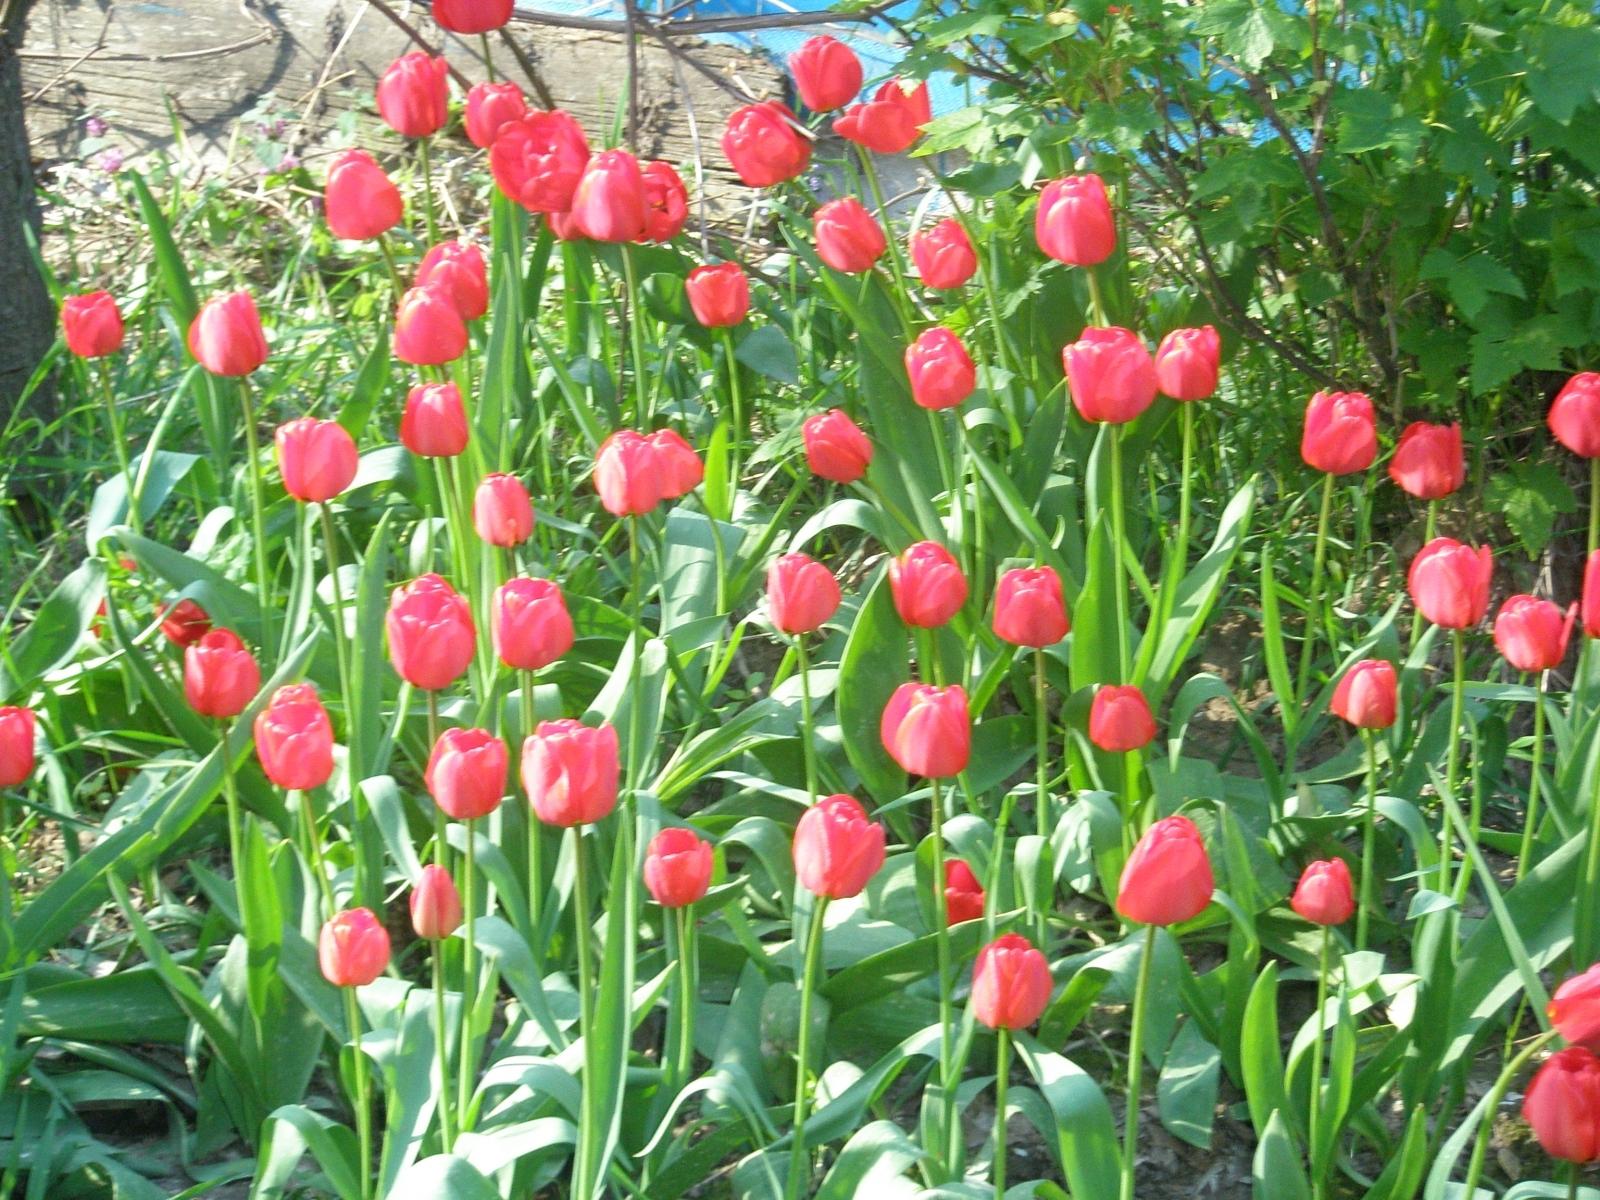 Скачать картинку Растения, Тюльпаны в телефон бесплатно.